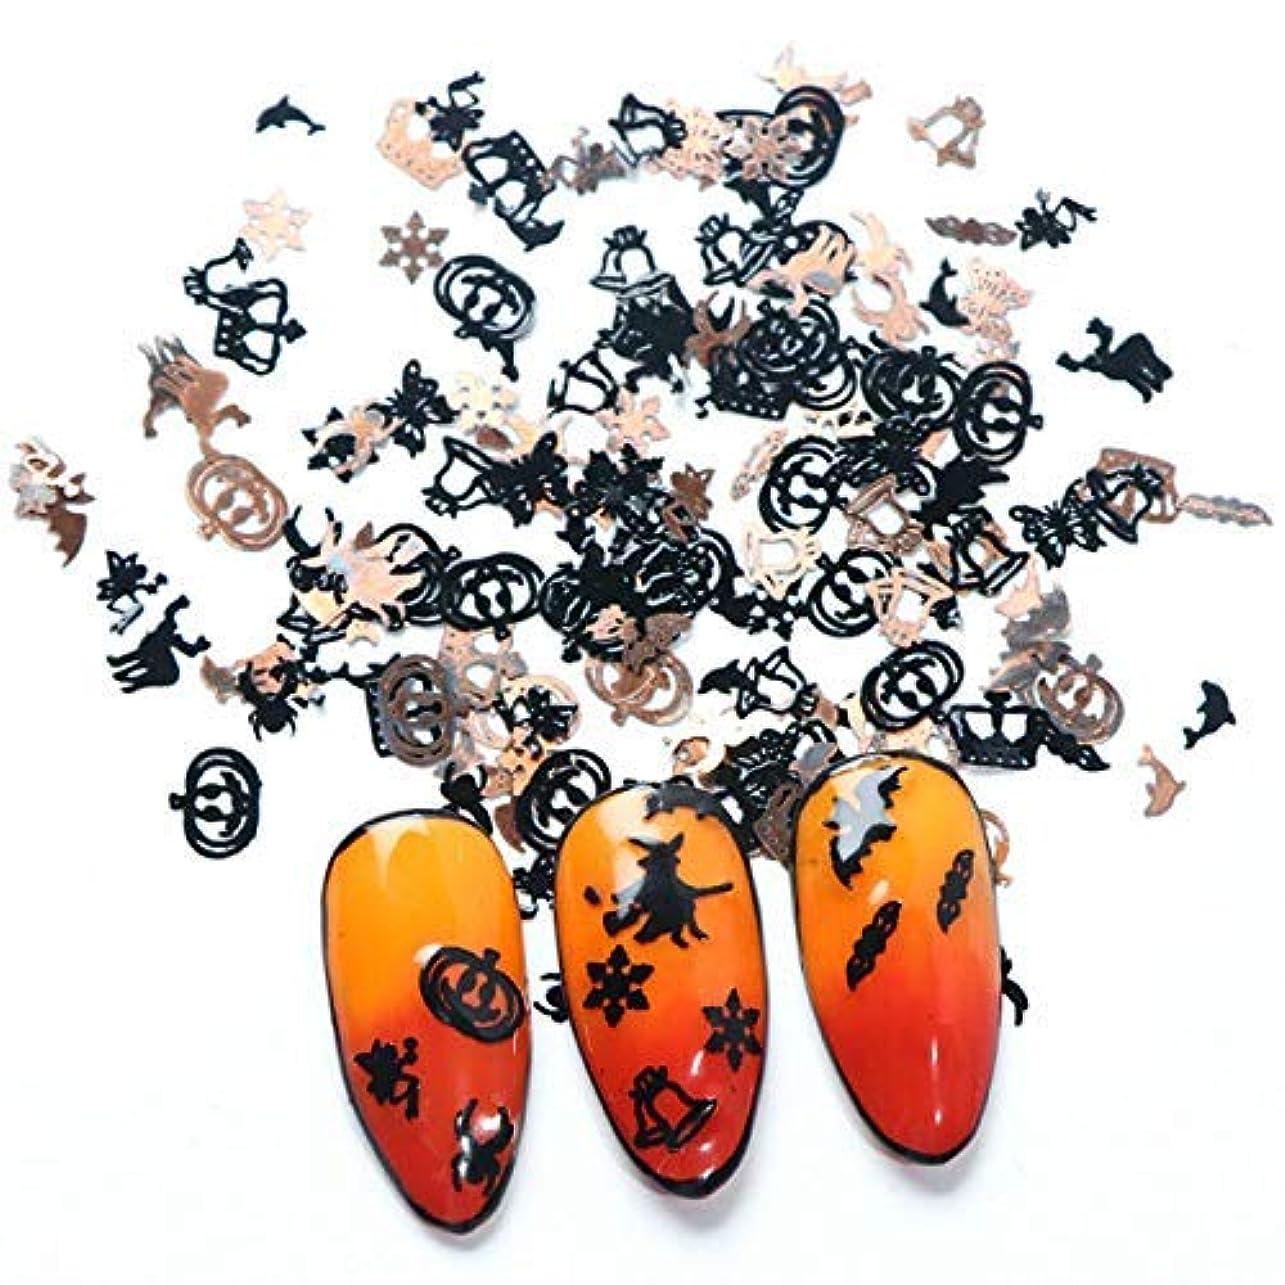 も作成する無秩序ハロウィーンのテーマネイルアートフレークネイルアートスパンコールネイルアートデコレーション魔女コウモリカボチャゴールド/ブラックカラー